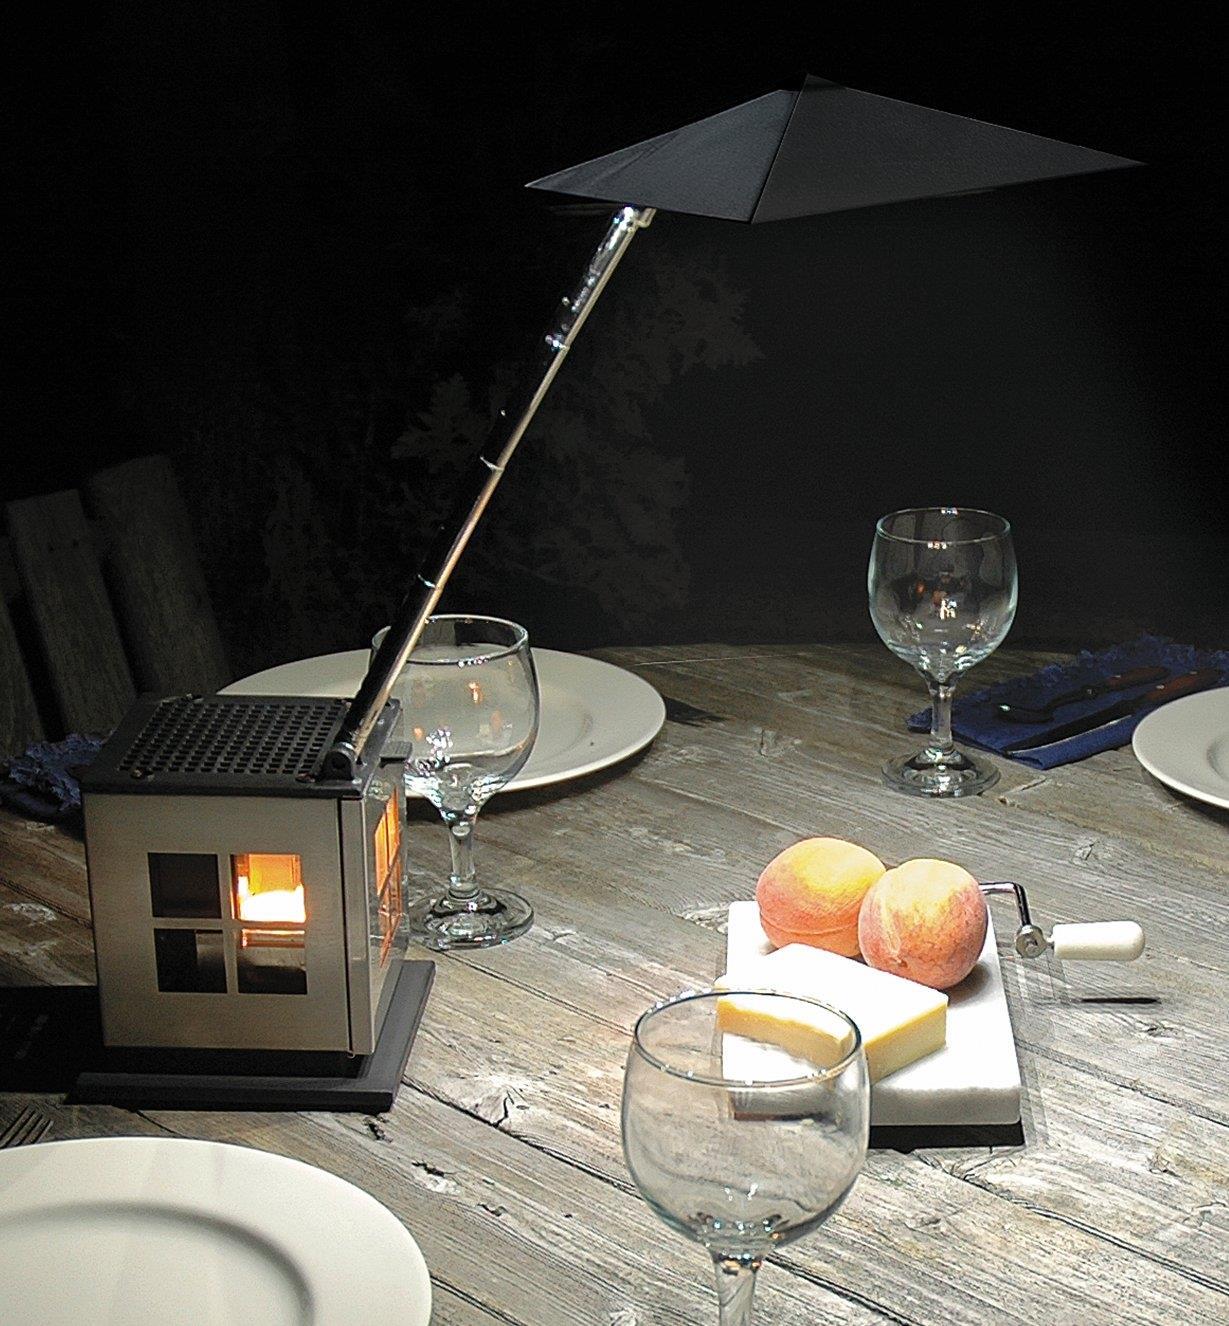 Lanterne à DEL alimentée par bougie posée sur une table d'extérieur avec le petit toit abaissé pour éclairer une large zone